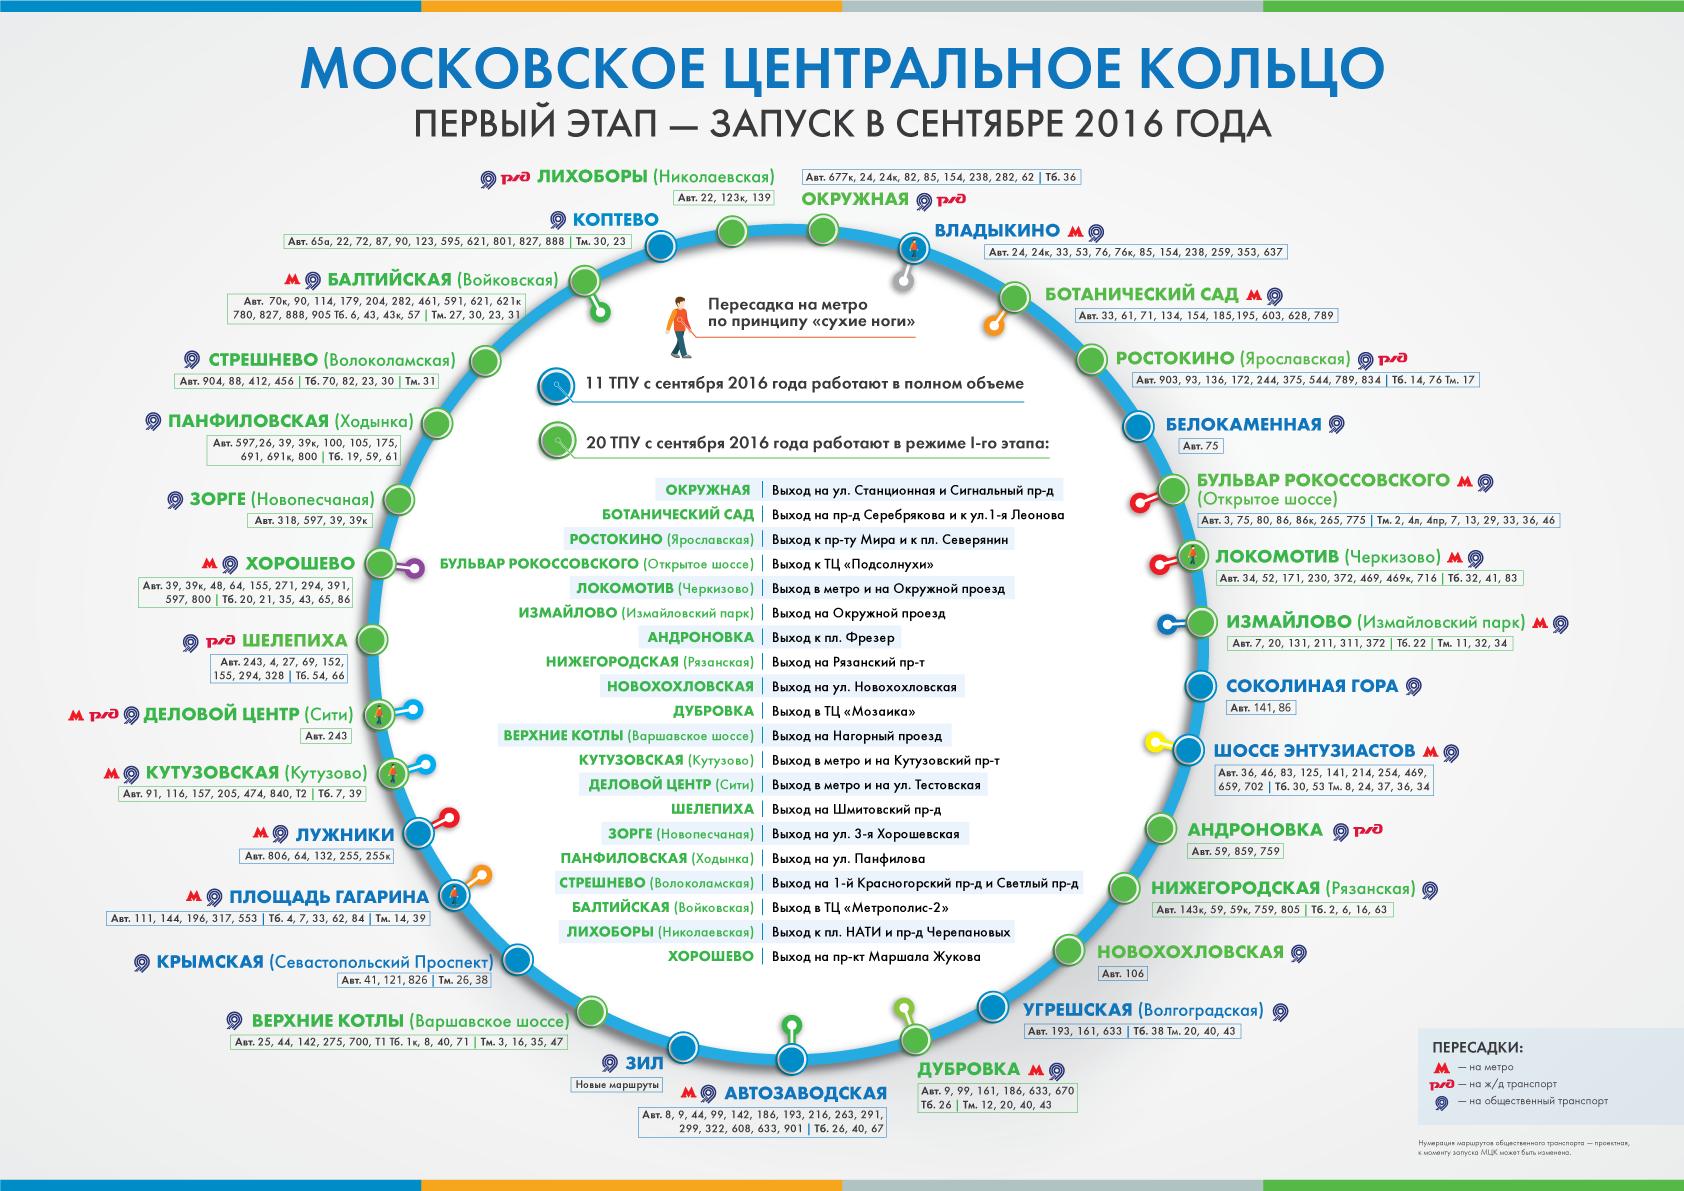 Схема мцк с временем пересадок